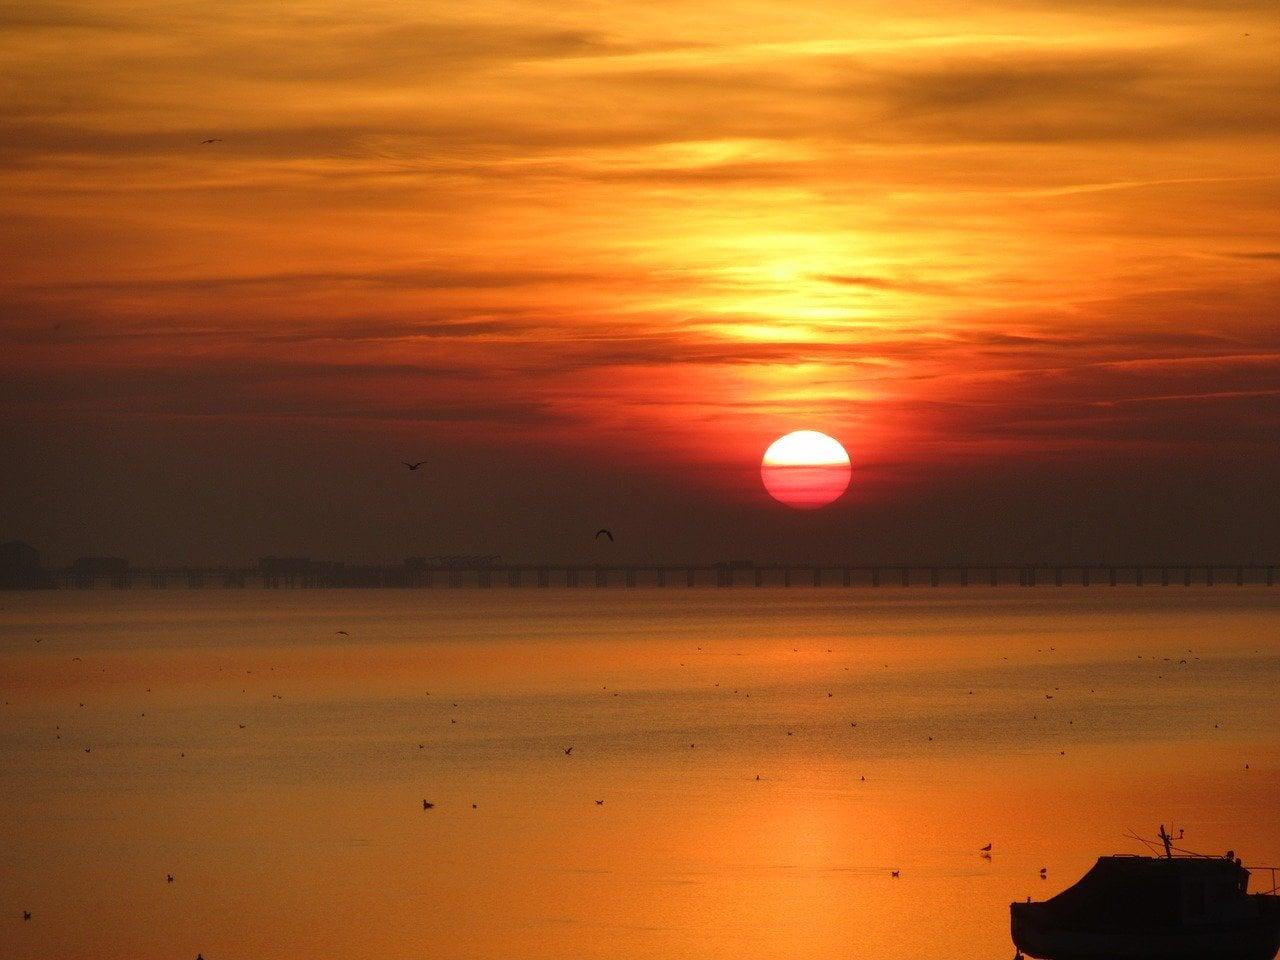 Sunset in Essex